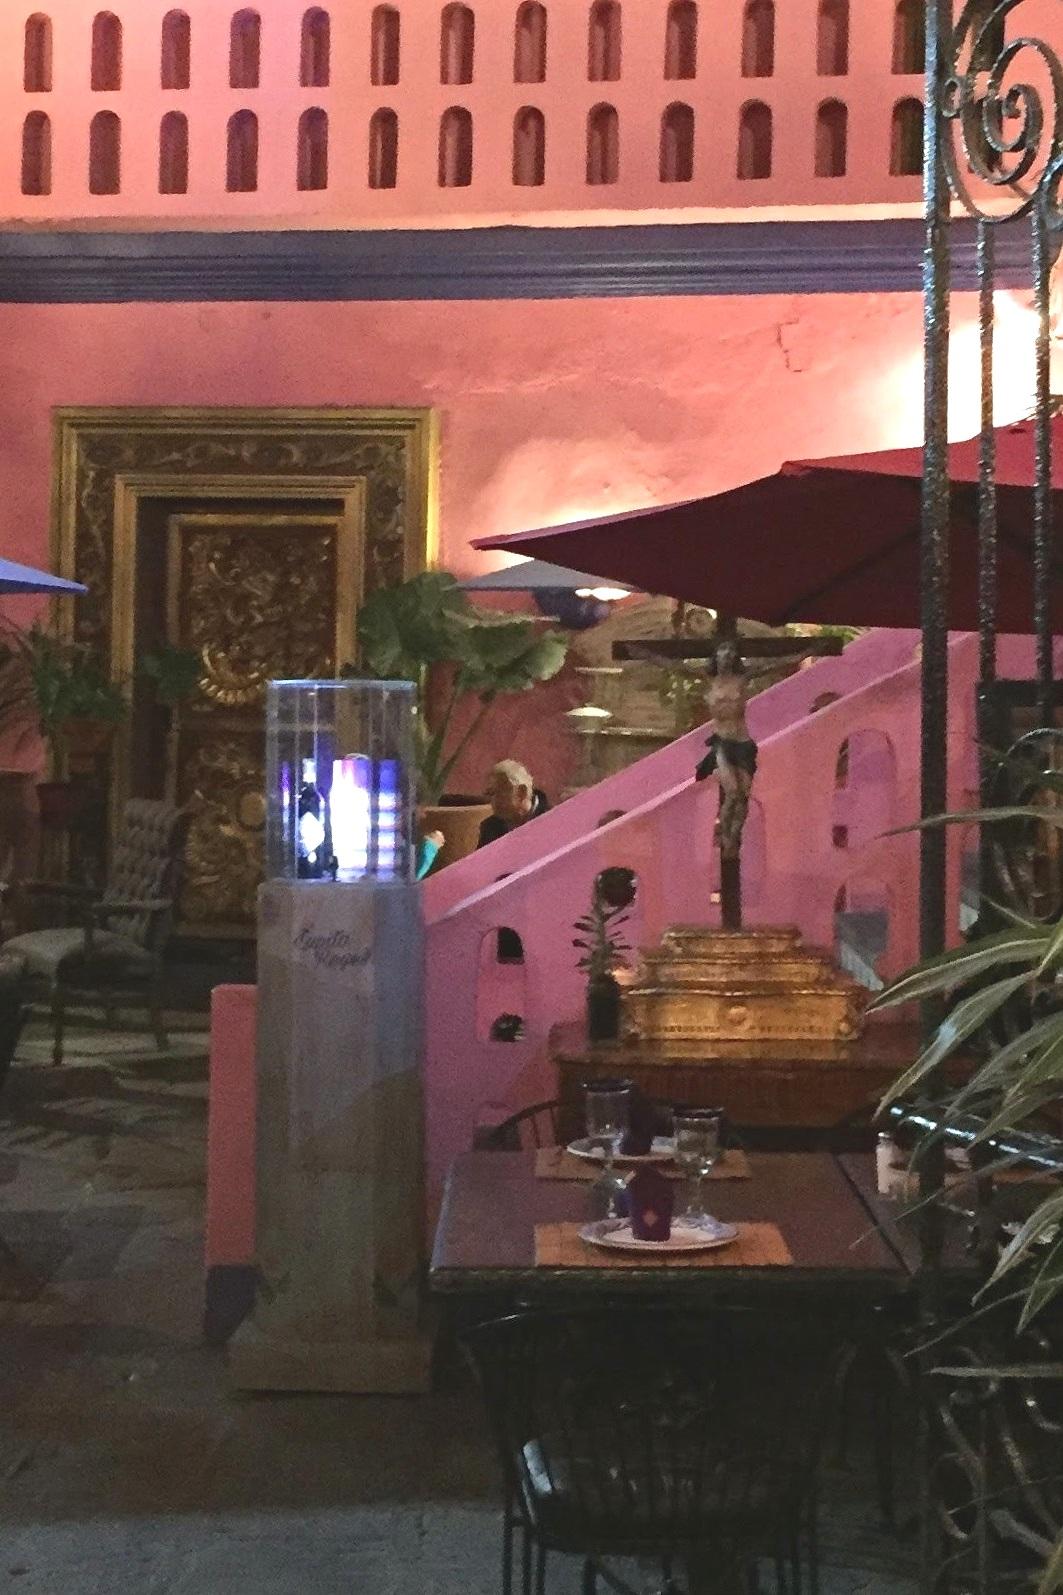 Mesón Sacristía de la Compañía | Puebla, Mexico -